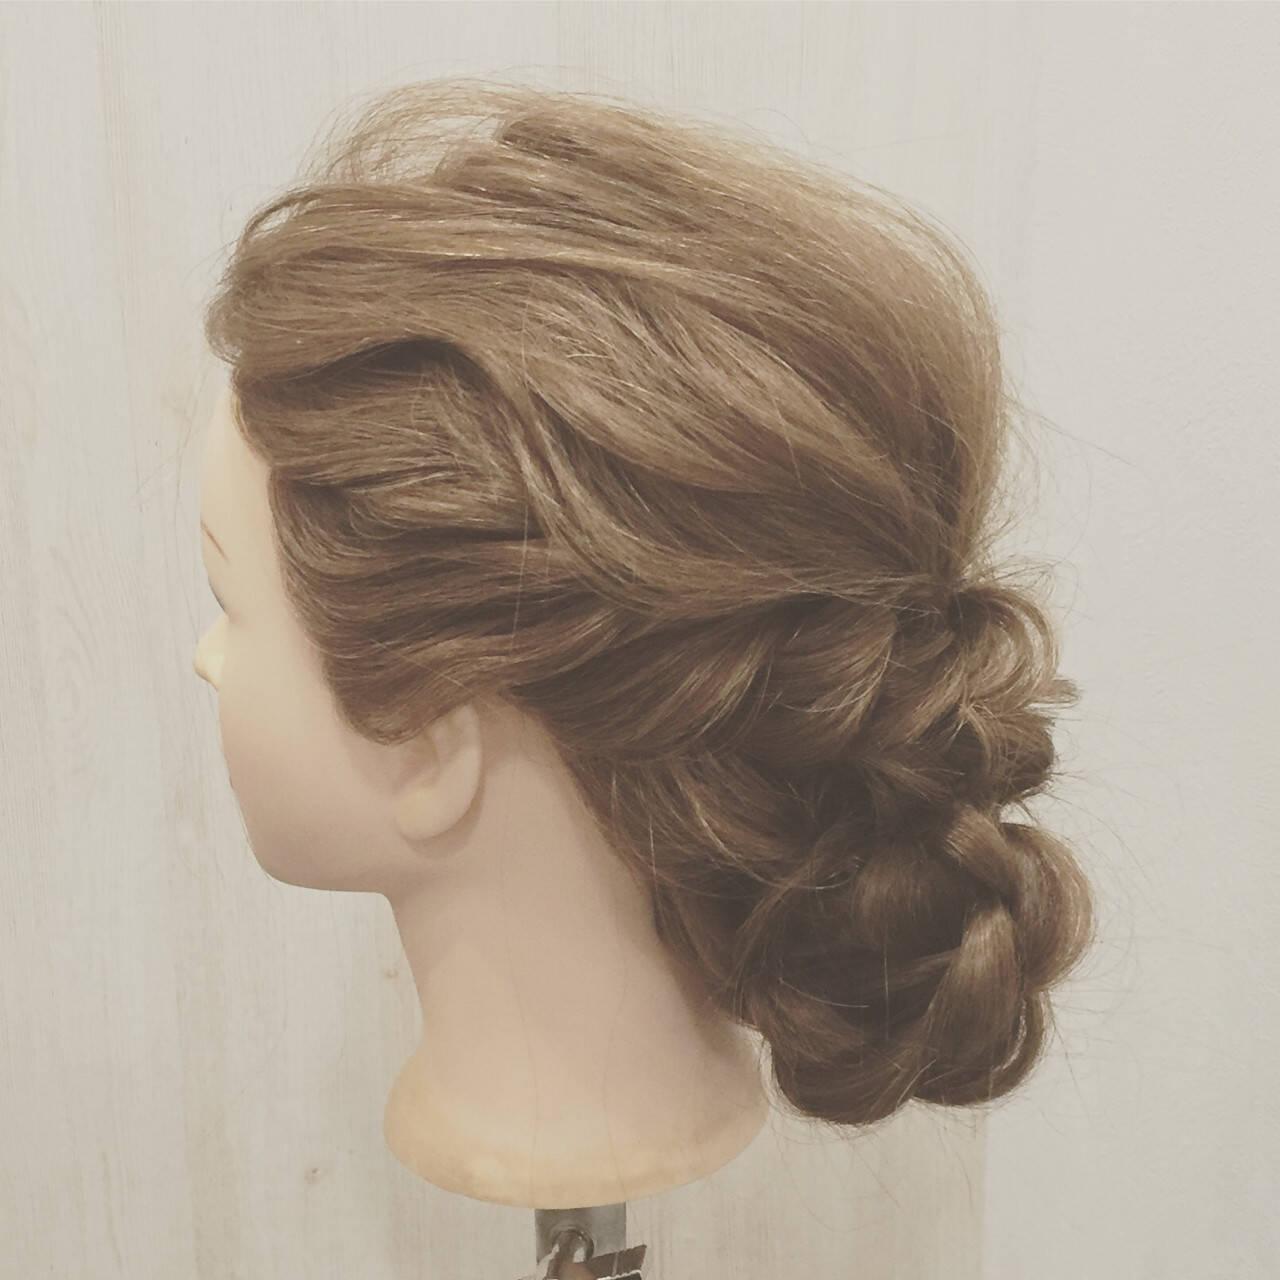 セミロング ヘアアレンジ ショート 簡単ヘアアレンジヘアスタイルや髪型の写真・画像